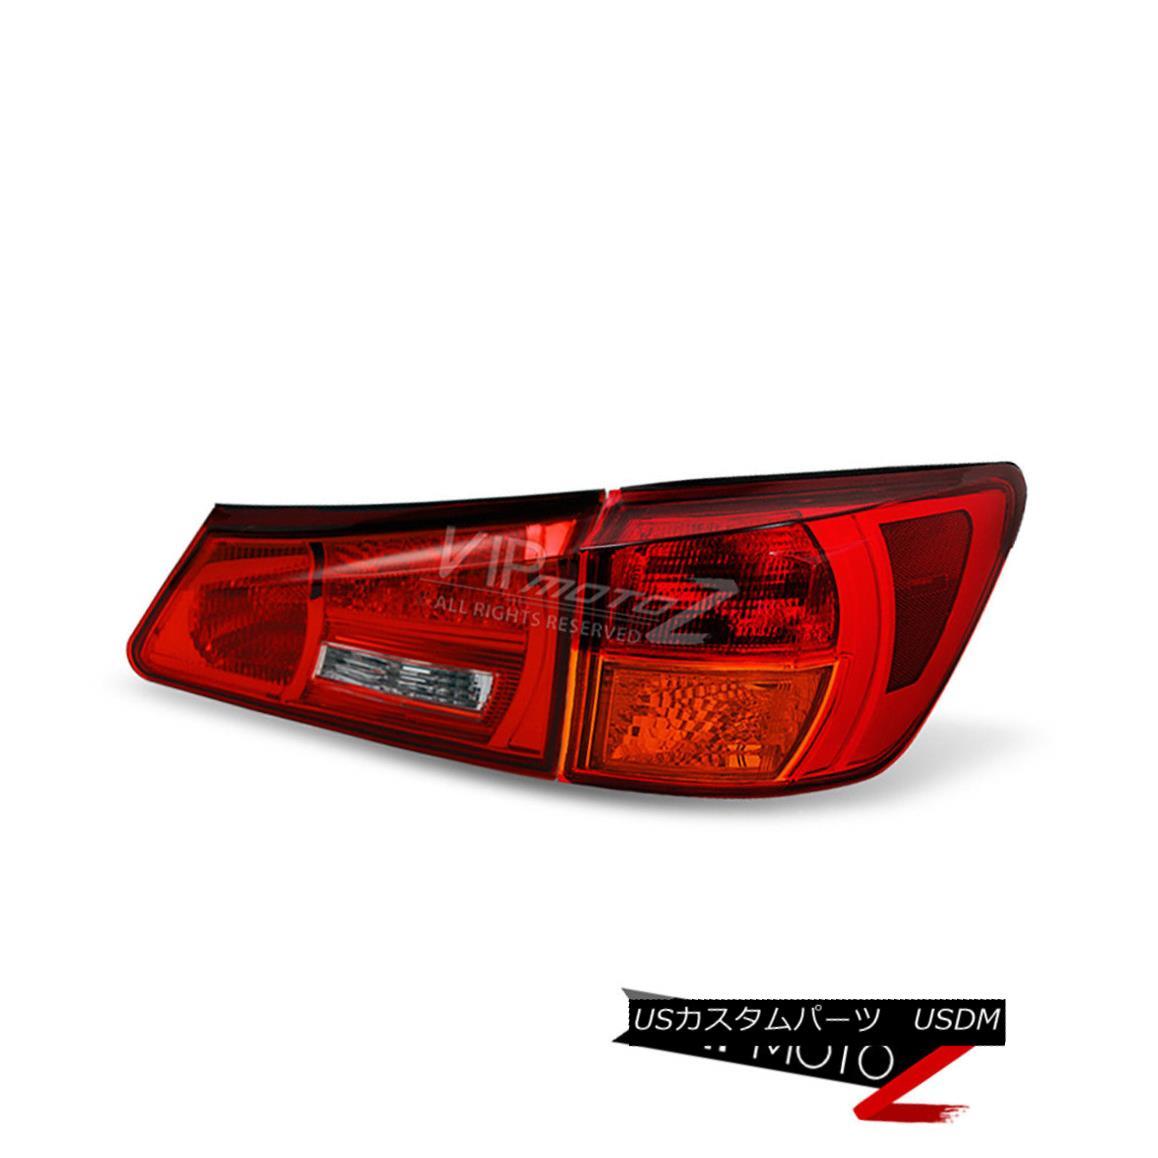 テールライト 2006-2008 IS250 [Passenger Lexus IS350 Outer IS250 [Passenger Side] Inner Outer Rear Tail Lights Right 2006-2008レクサスIS350 IS250 [旅客側]インナーアウターリアテールライト右, カー用品卸問屋 ニューフロンテア:7bbb4e84 --- officewill.xsrv.jp